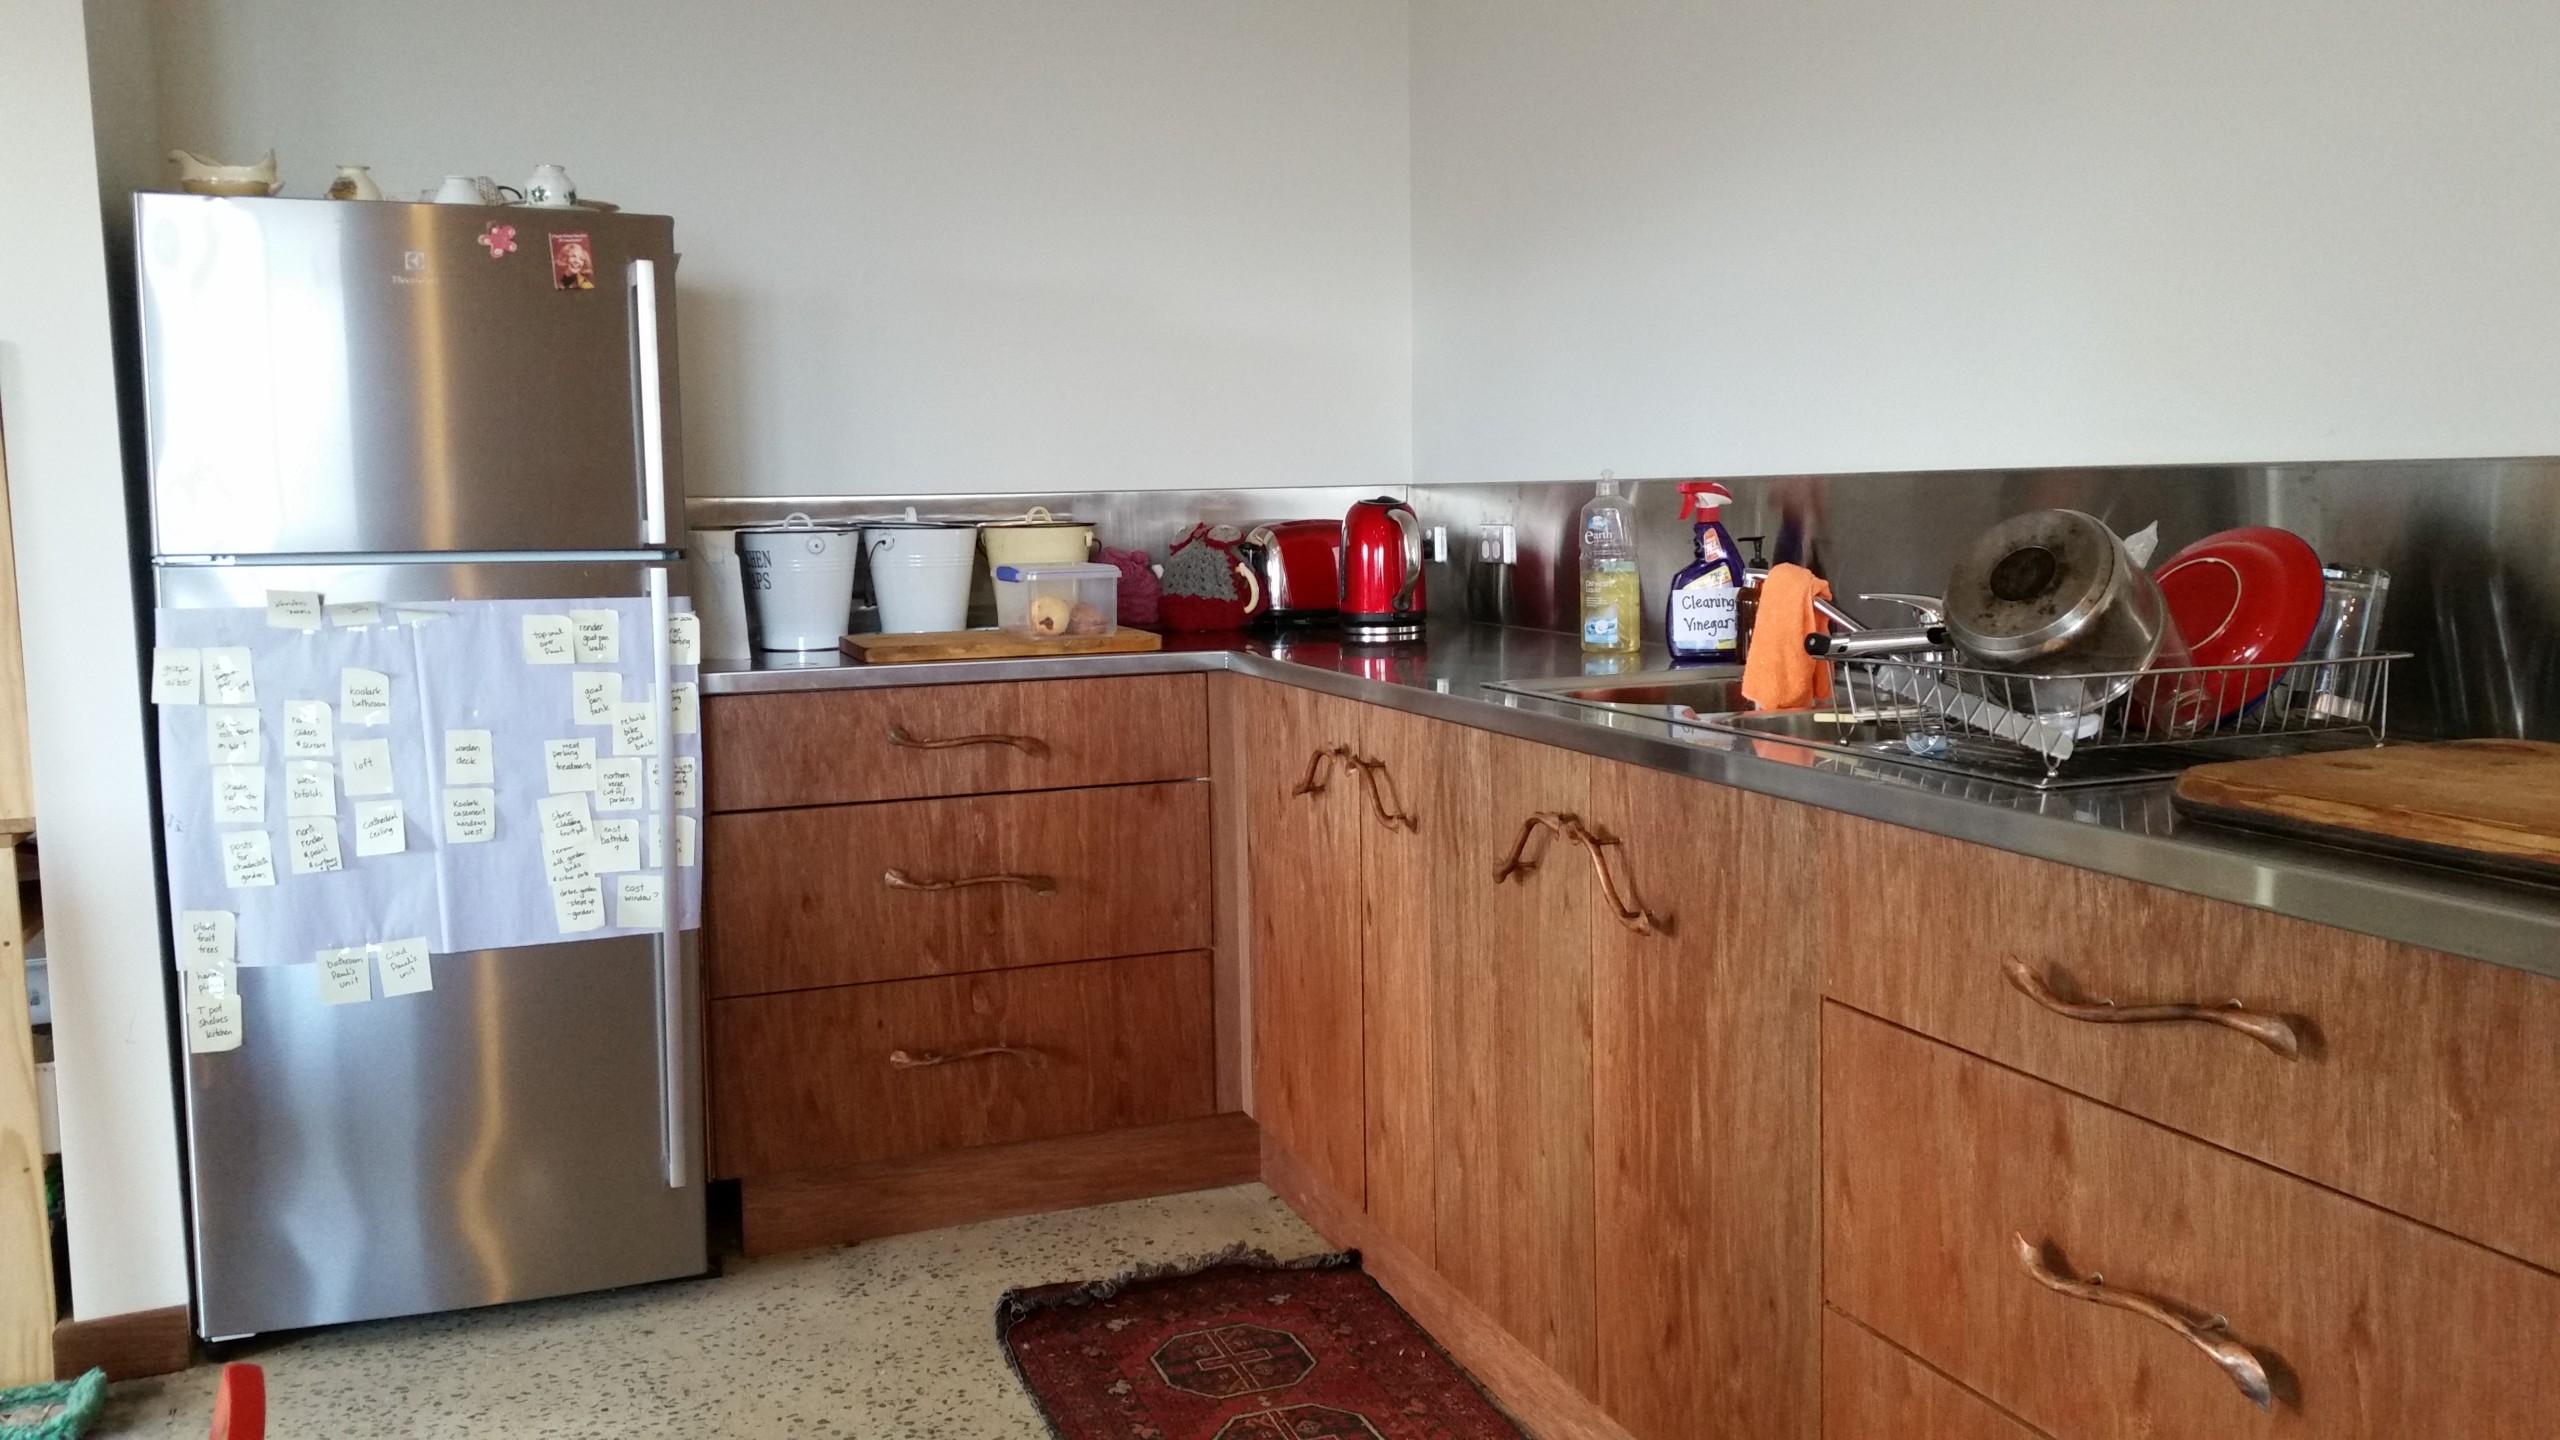 3 kitchen koolark (3)